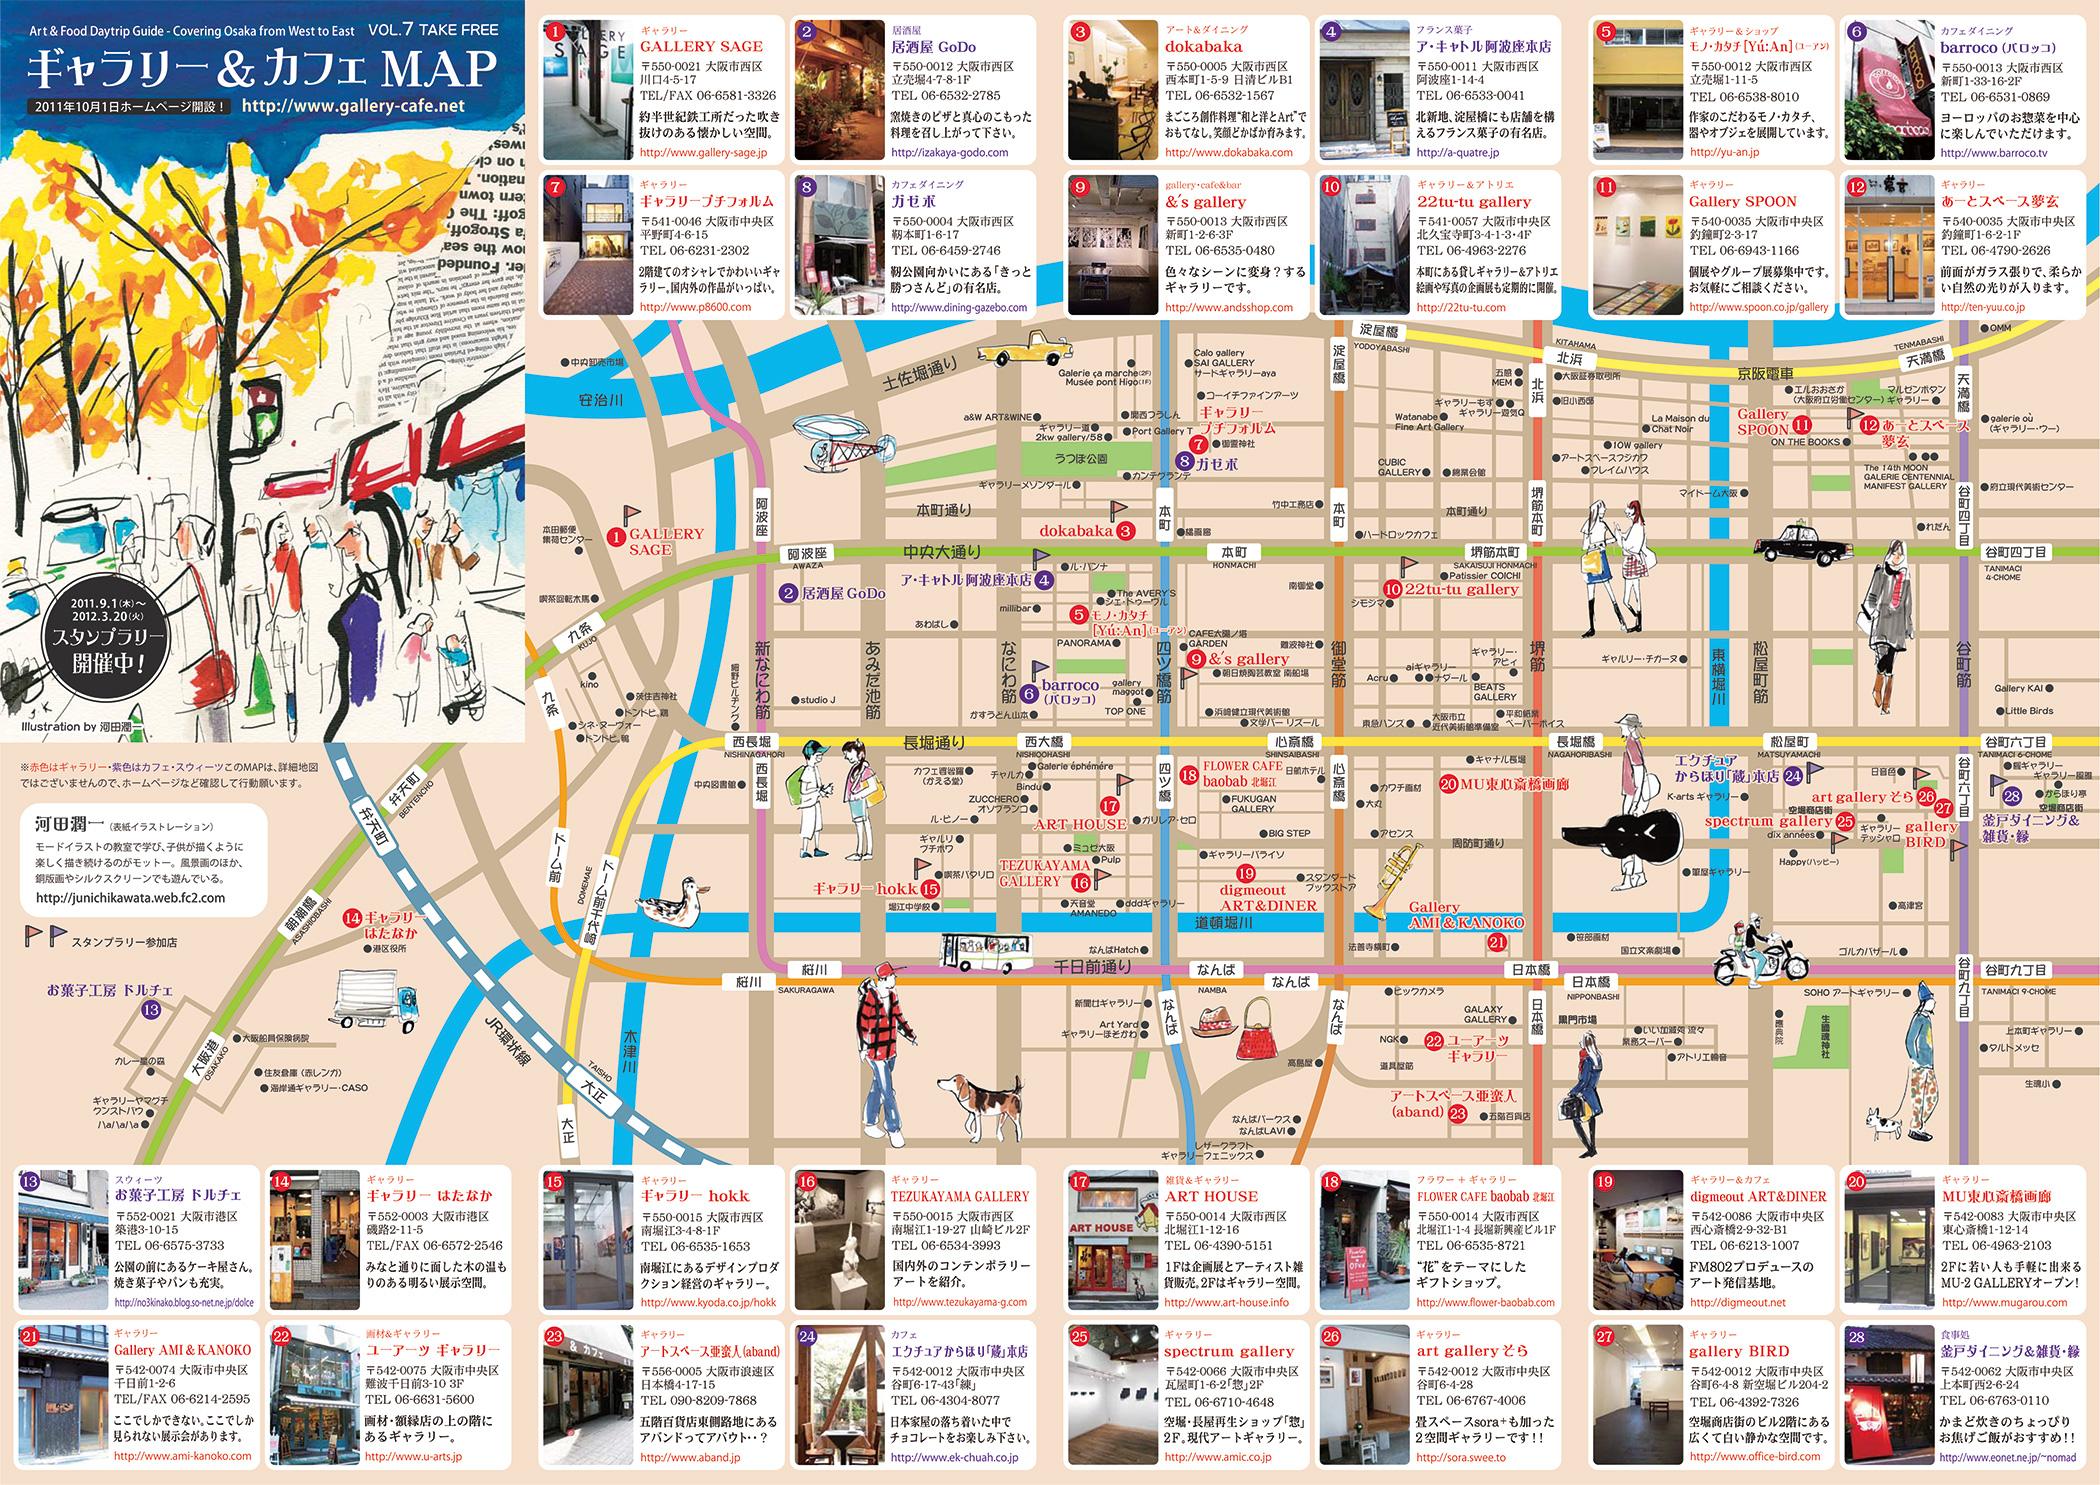 ギャラリー&カフェMAP vol.7 大阪を東西にカルチャーする